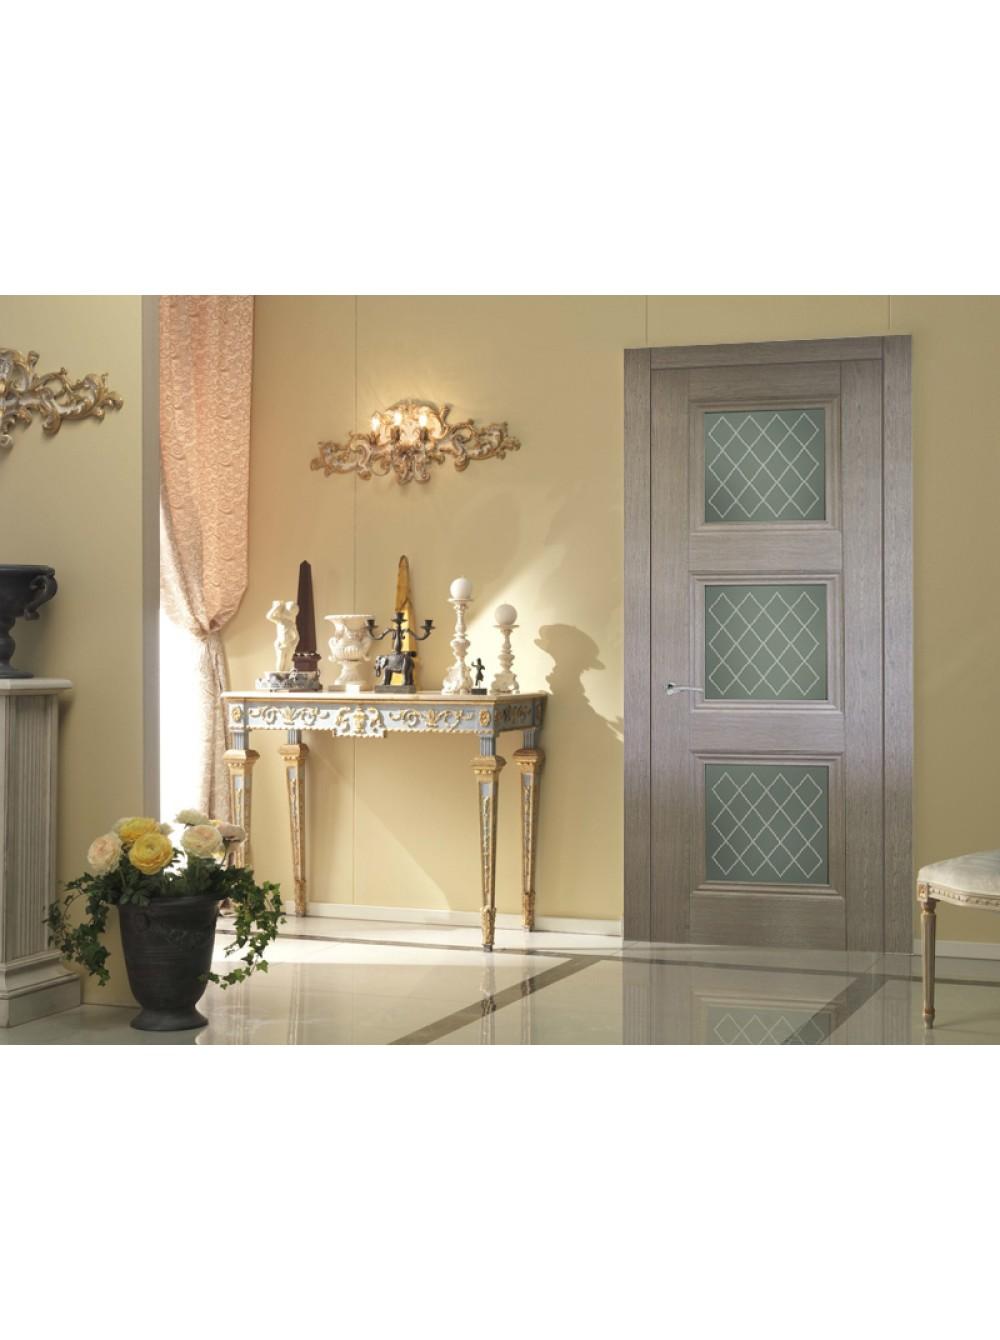 Межкомнатная дверь Барселона 3(Остекленное полотно)